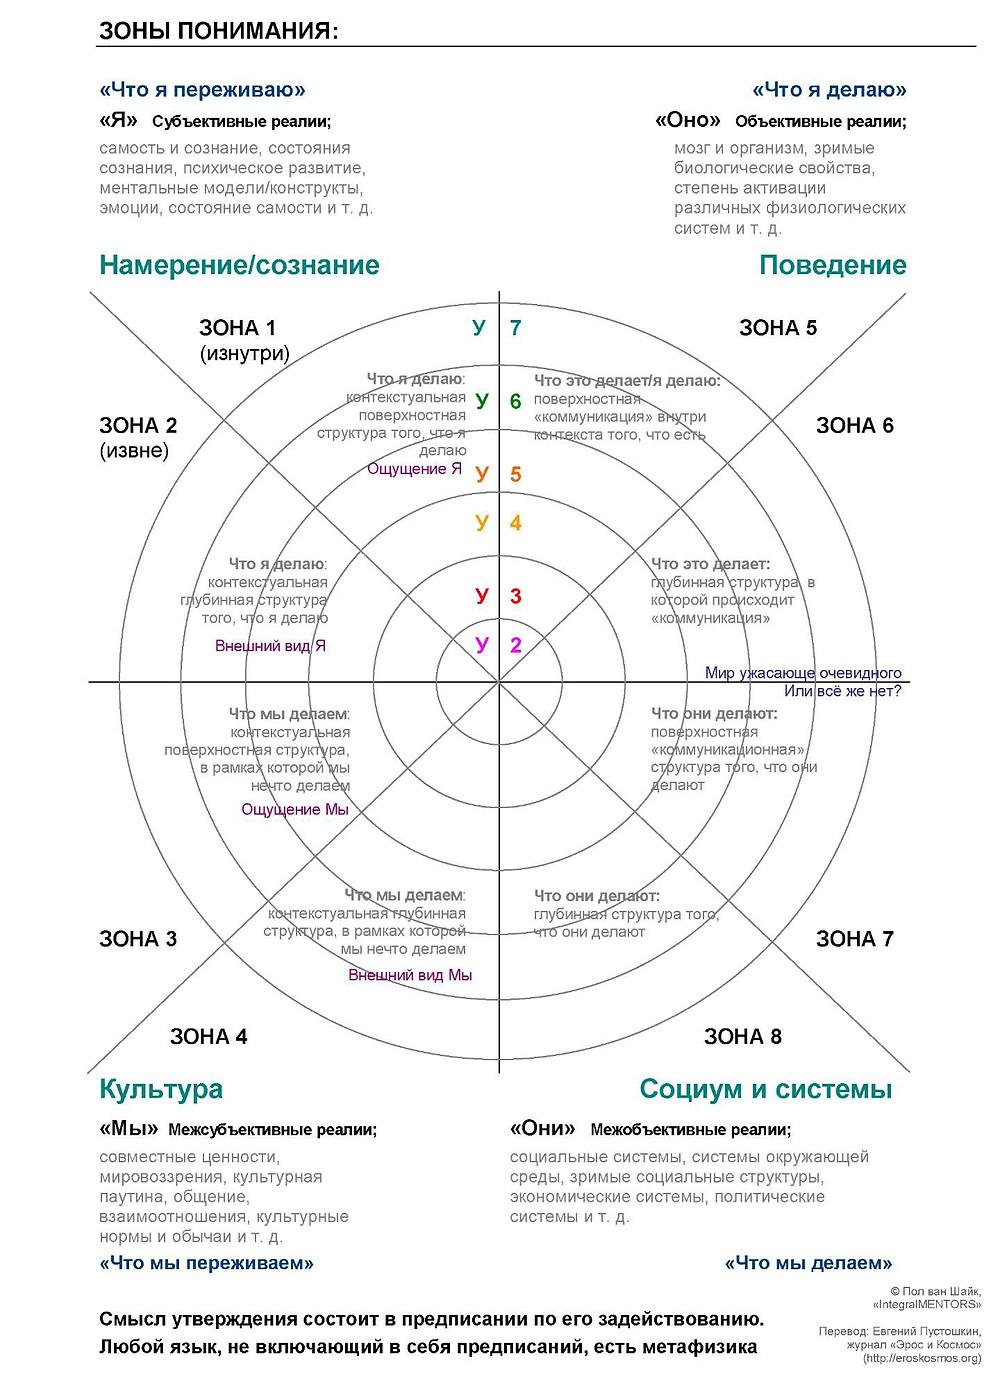 Интегральный методологический плюрализм